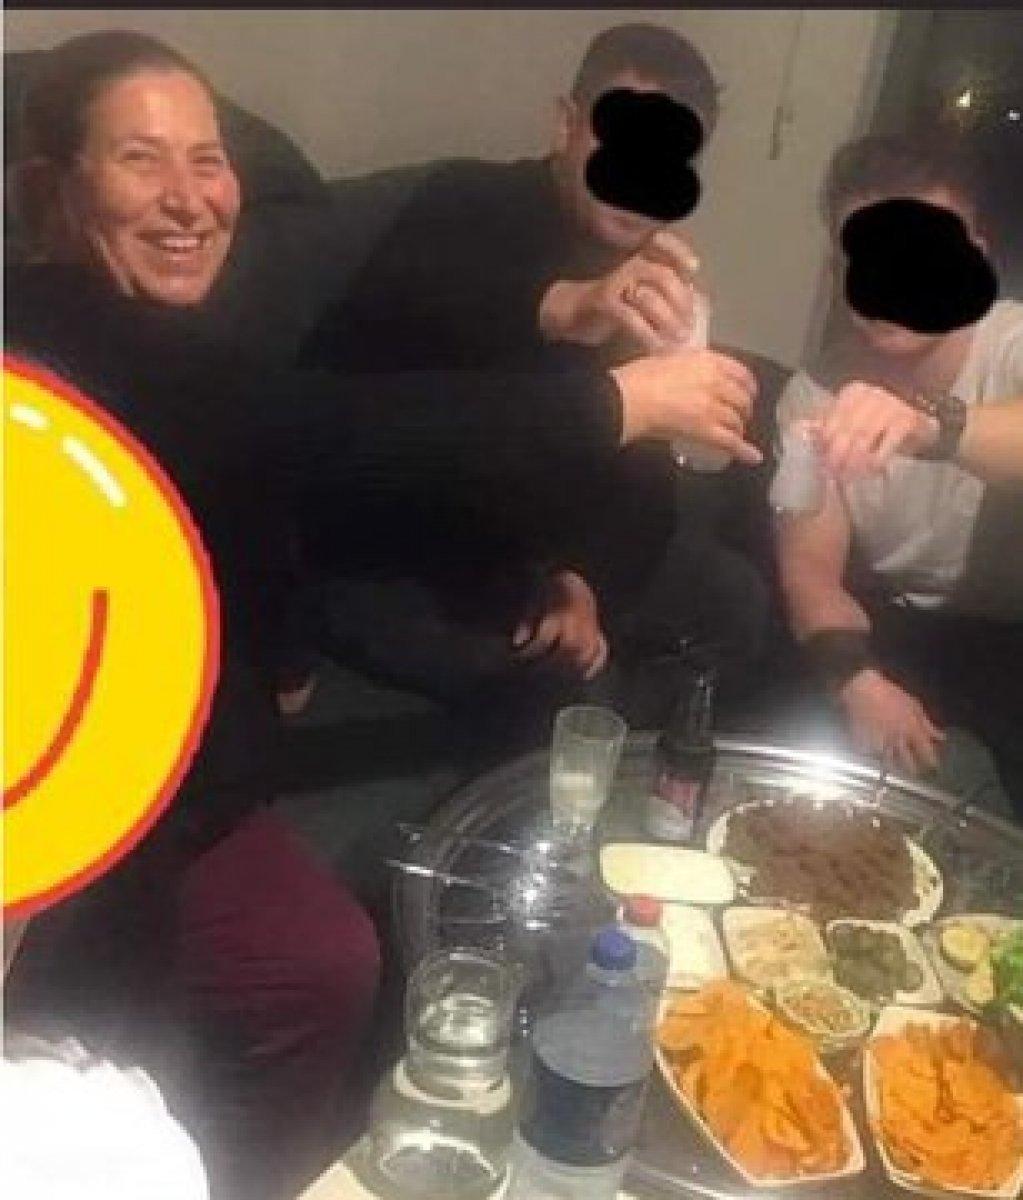 CHP den tartışılan viskili fotoğrafa ilişkin açıklama #2